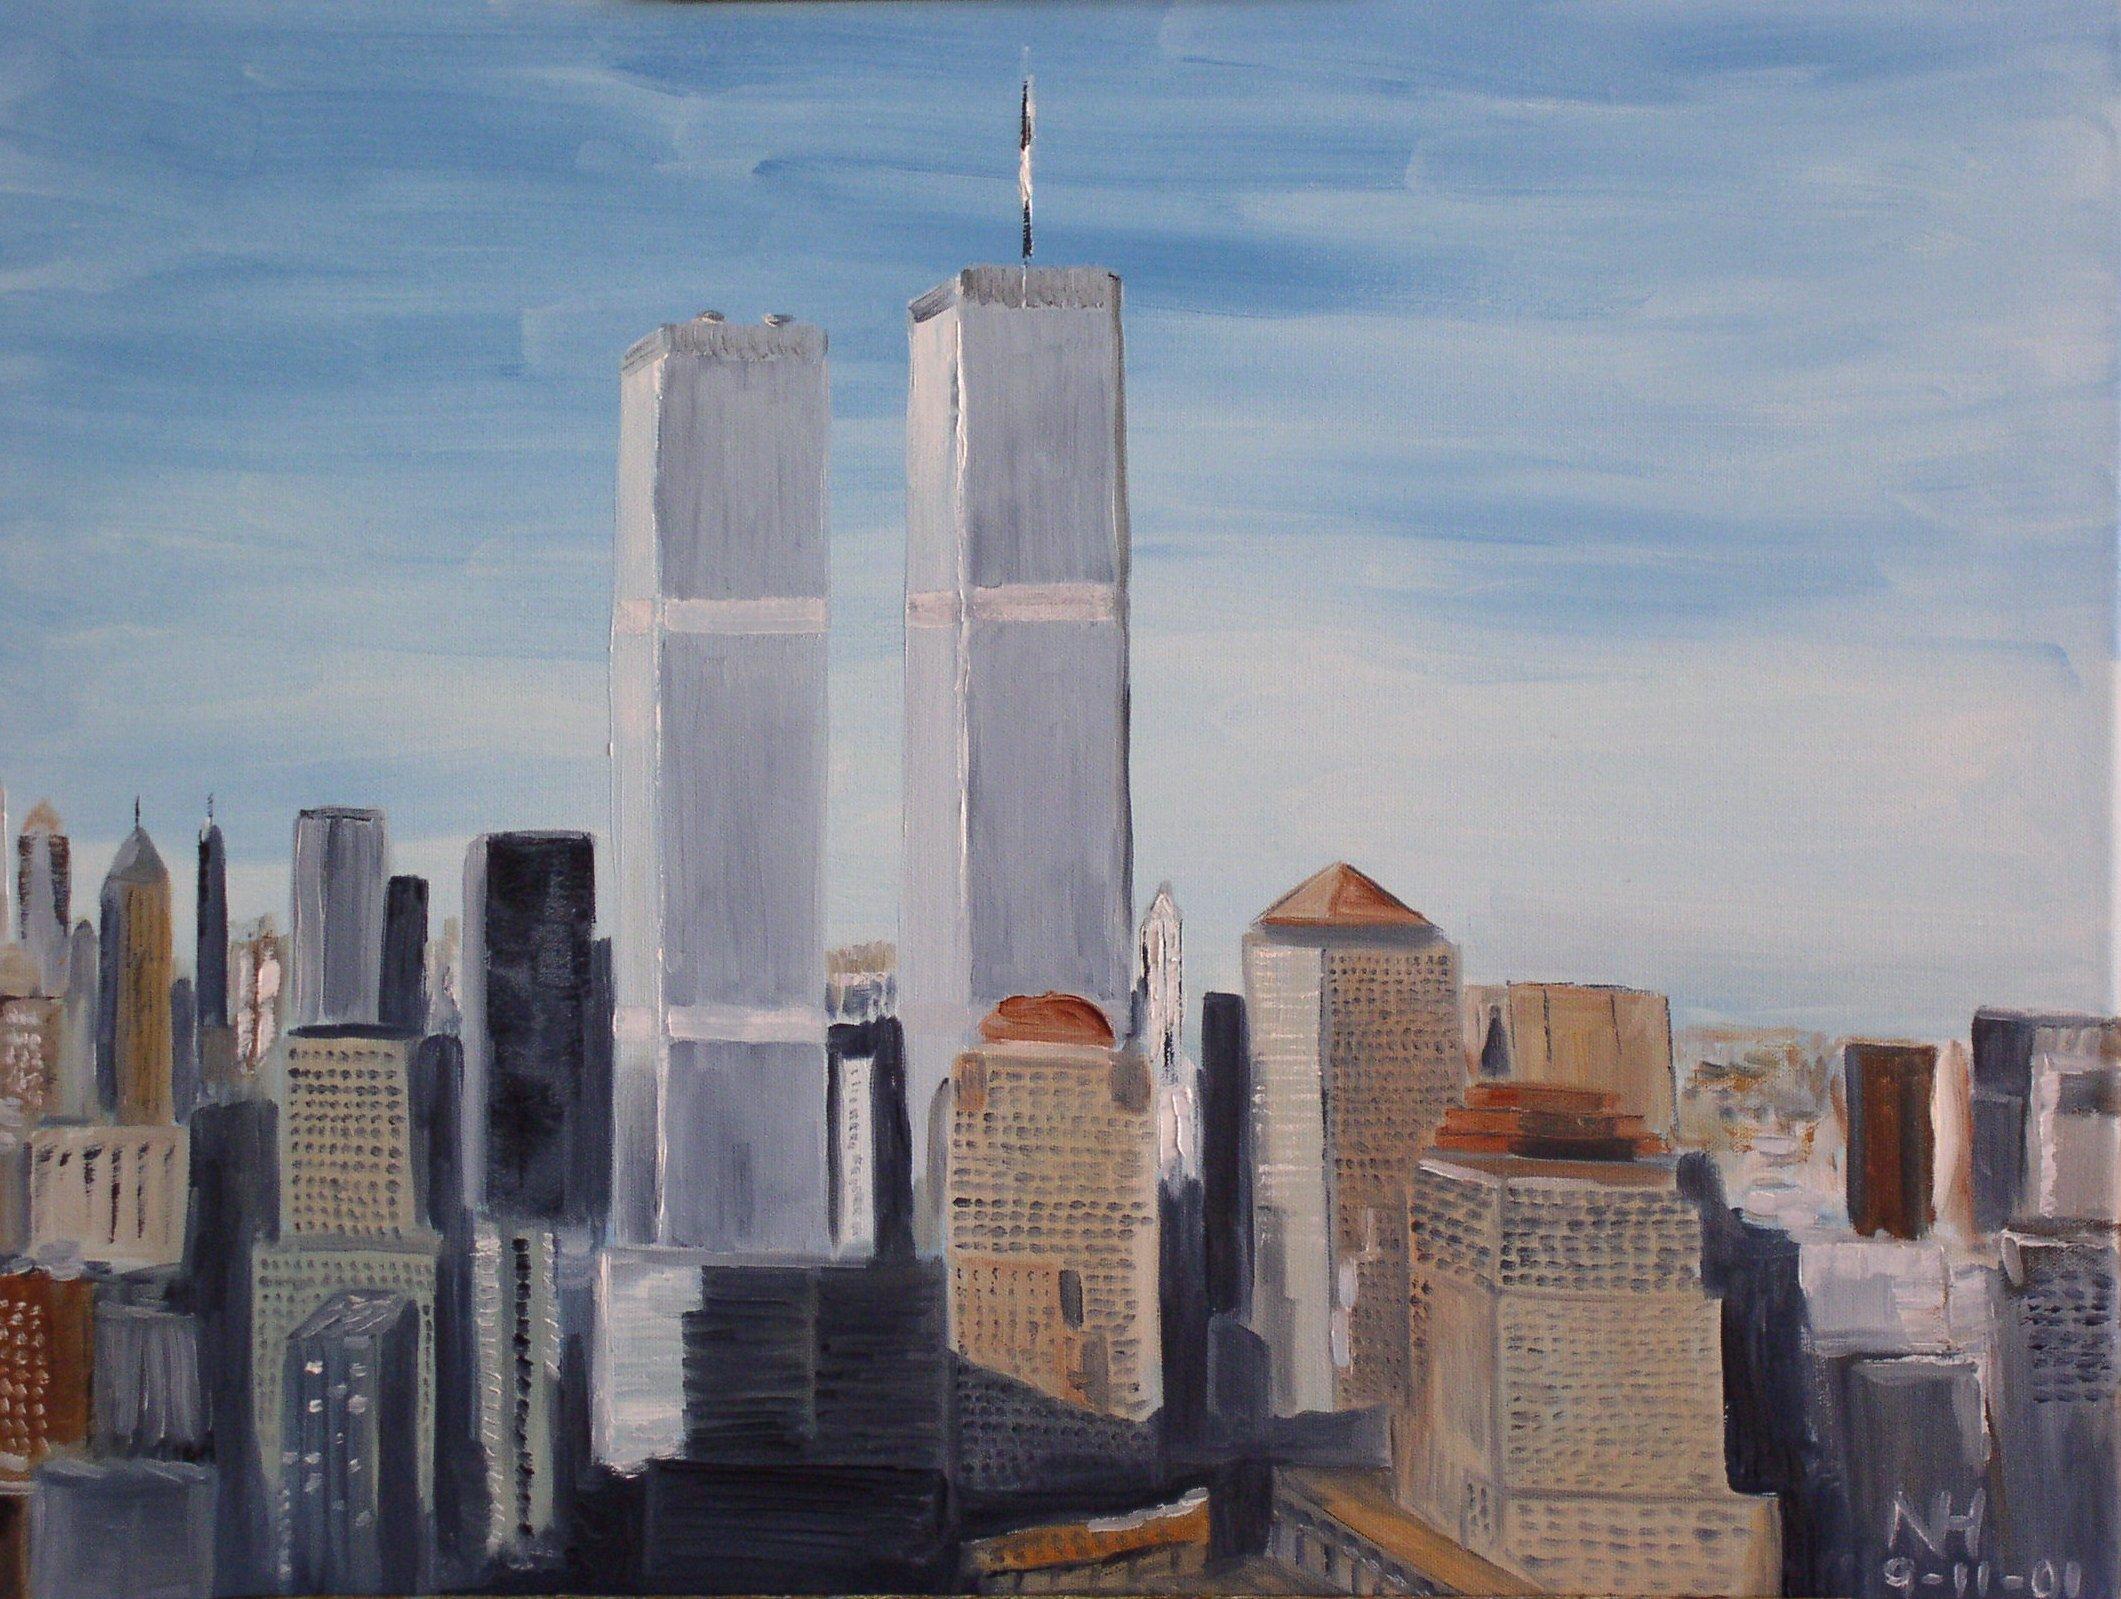 Sept 11 A